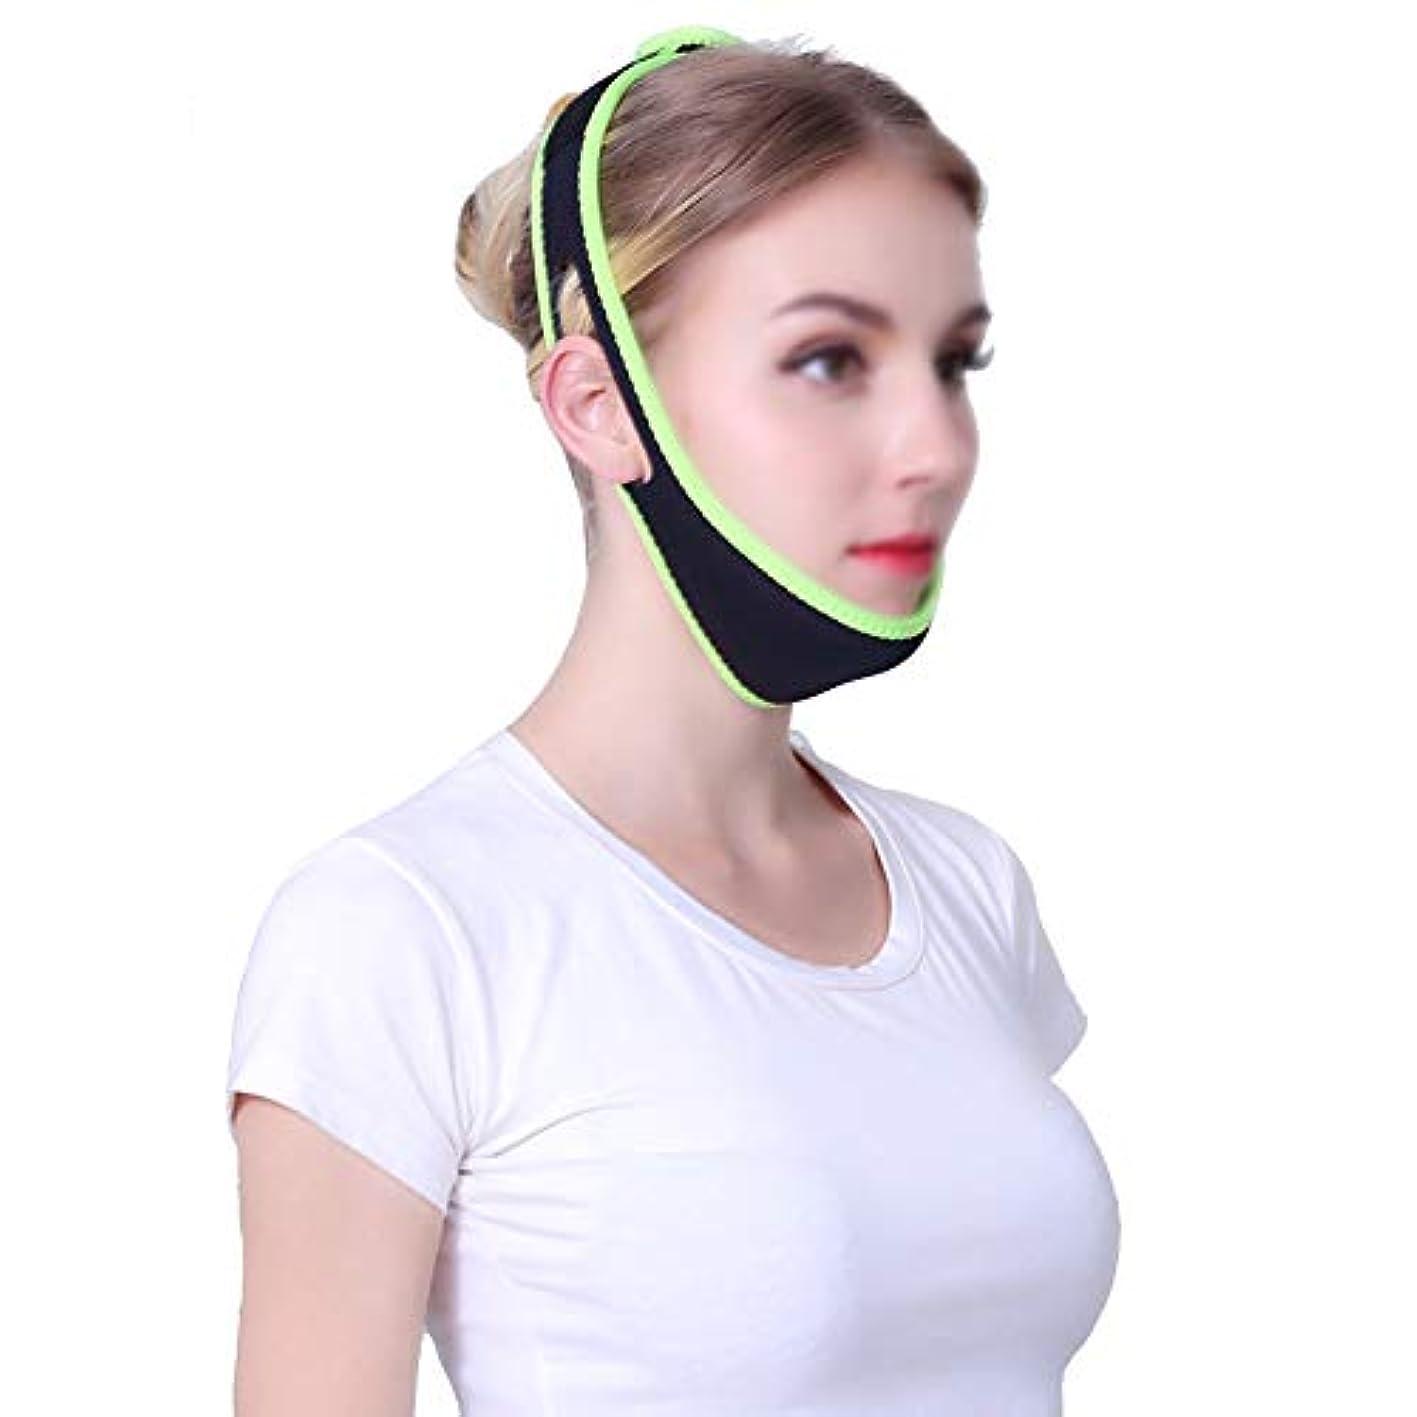 お父さん核悔い改めるLJK 引き締めフェイスマスク、リフティングマスク引き締めクリームフェイスリフトフェイスメロンフェイス楽器と小さなvフェイスアーティファクト睡眠薄いフェイス包帯マスク